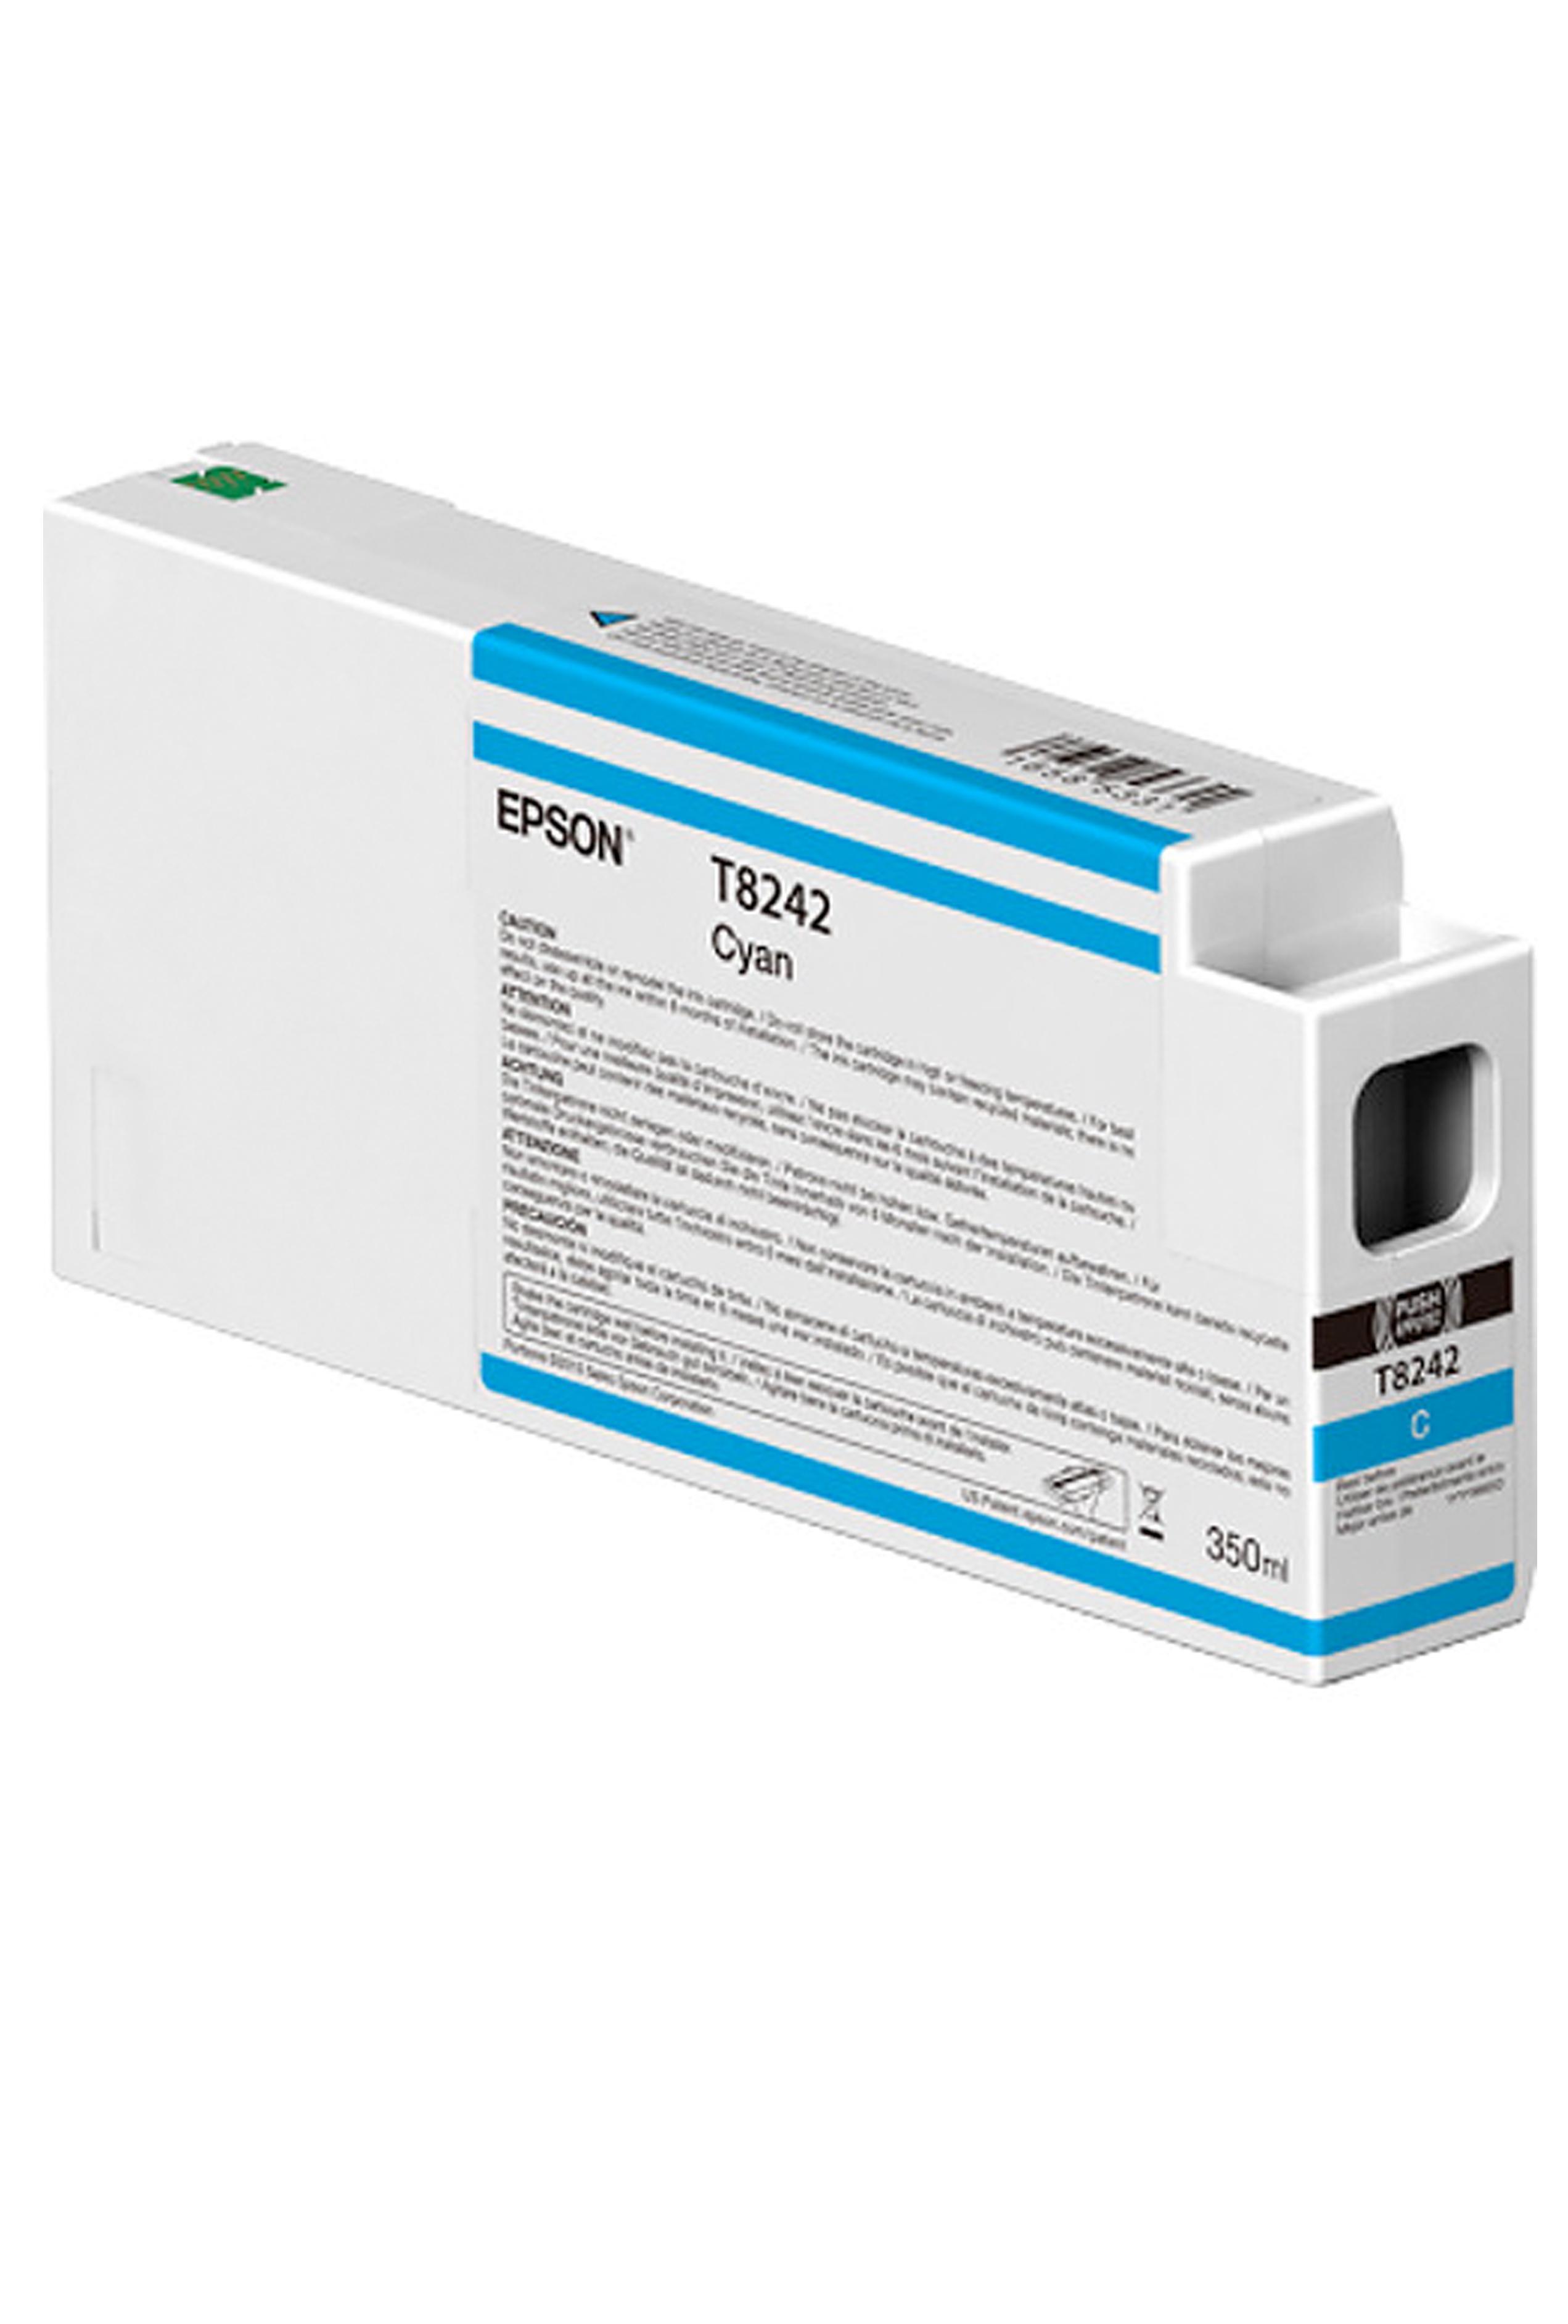 Epson EPSON HI CYAN INK (350 ML) (T824200)